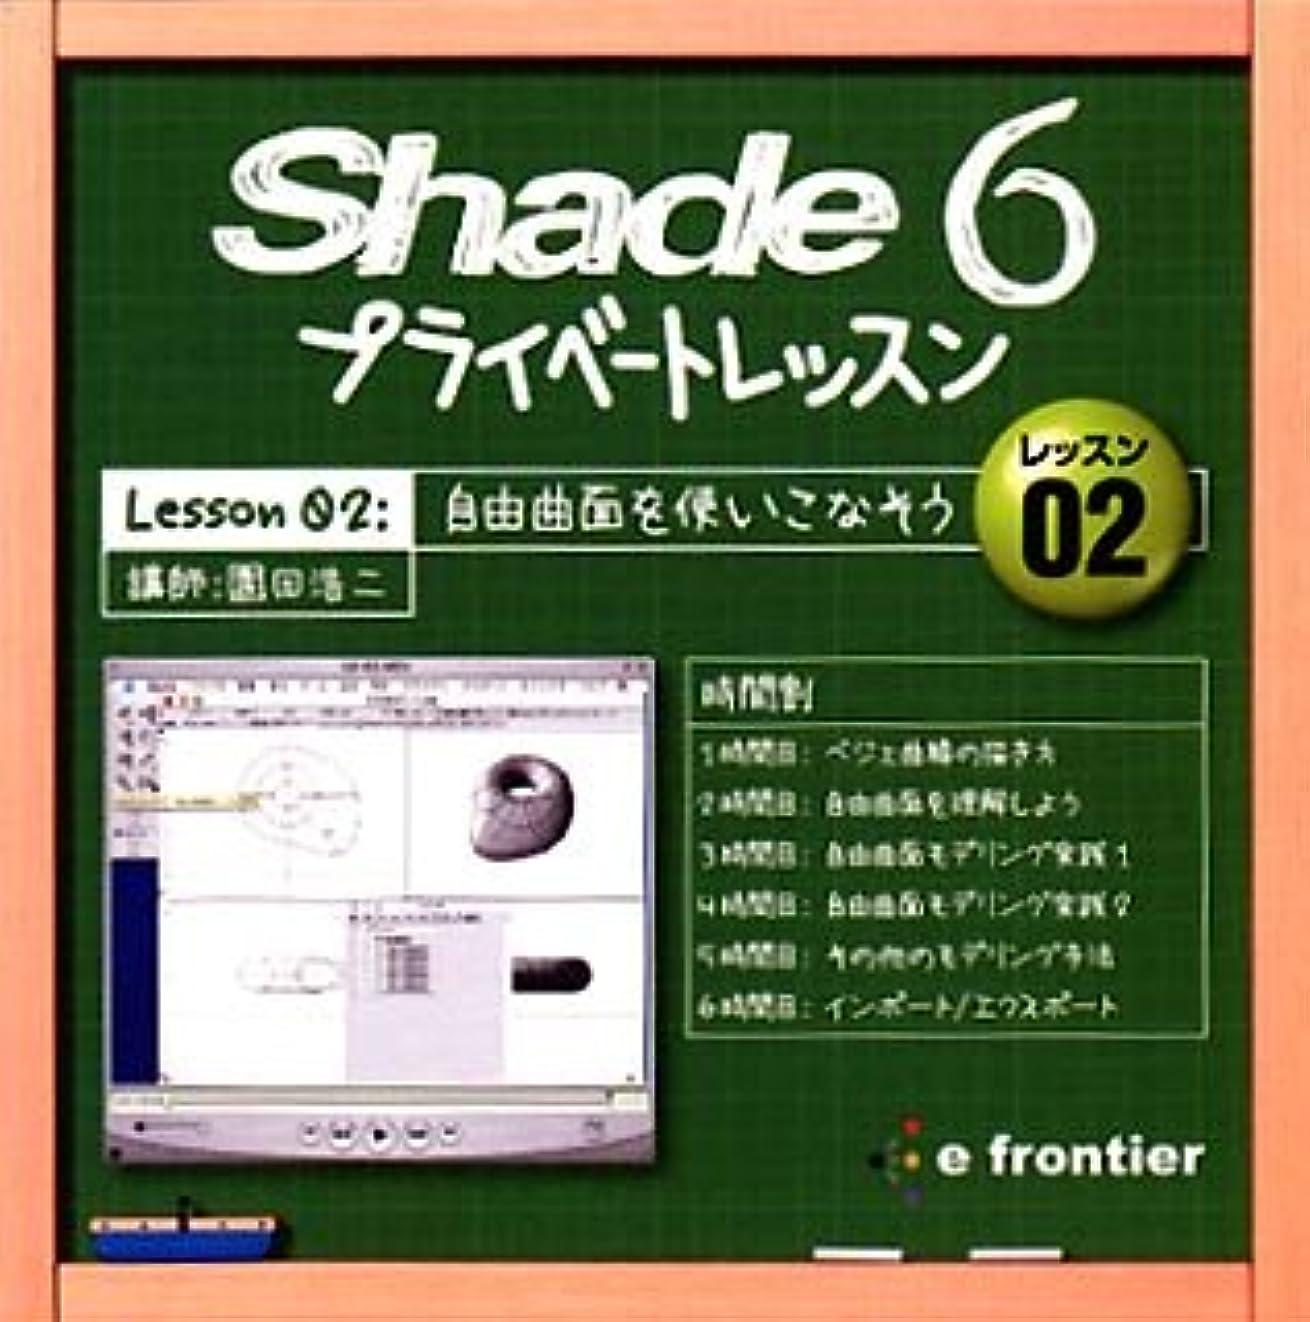 識字アクロバット耕すShade 6 プライベートレッスン Lesson 02:自由曲面を使いこなそう